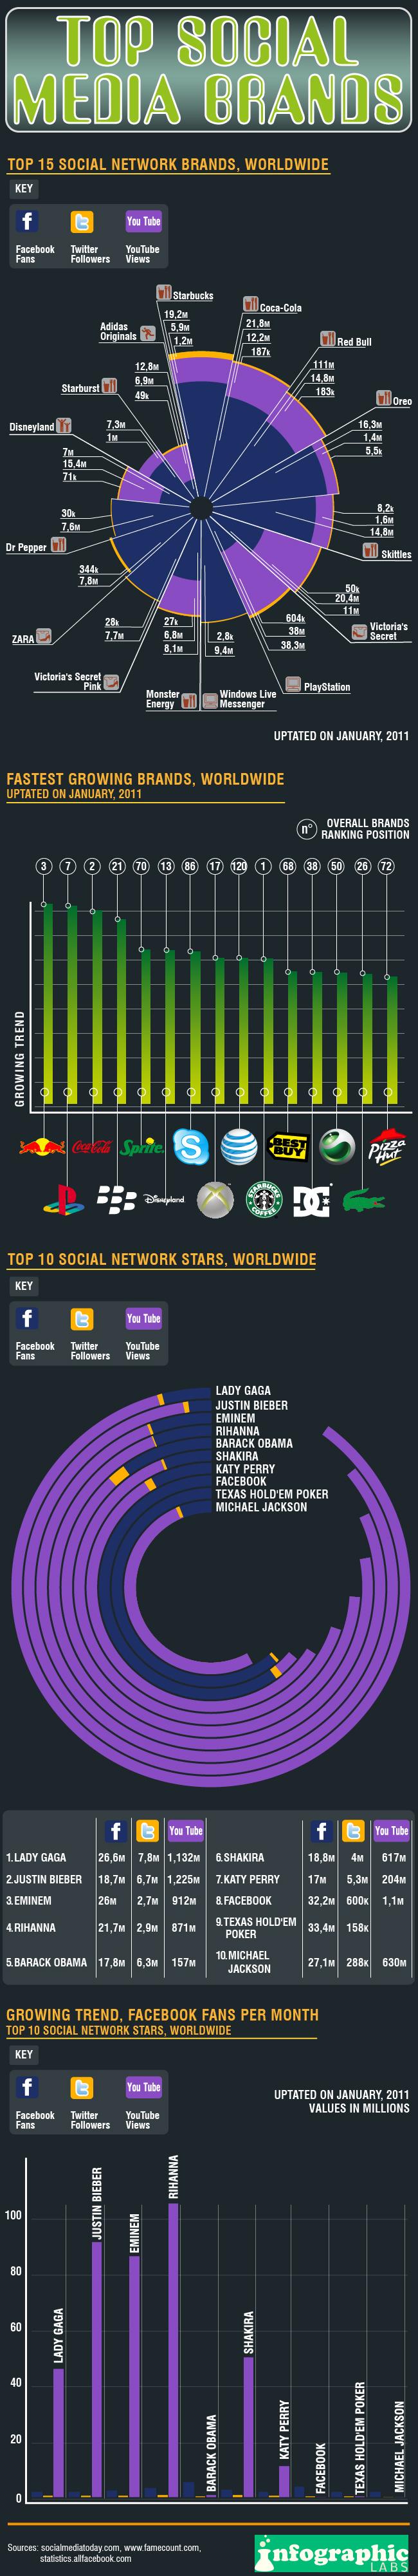 Social-Media-Brands-infografic